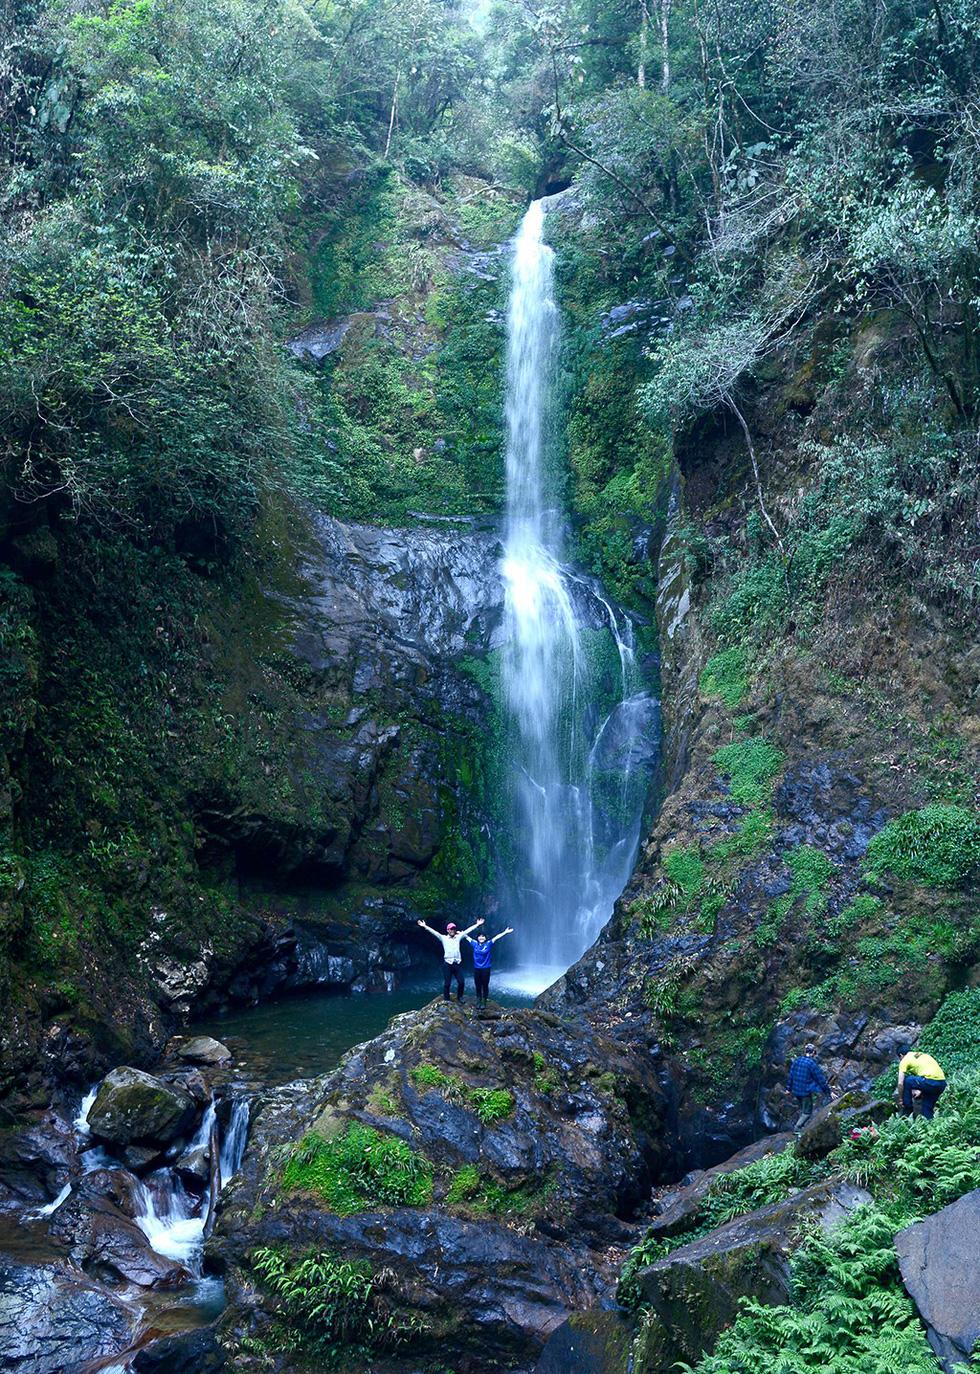 A waterfall on Ta Xua Mountain, Yen Bai Province. Photo: Hai Duong / Tuoi Tre